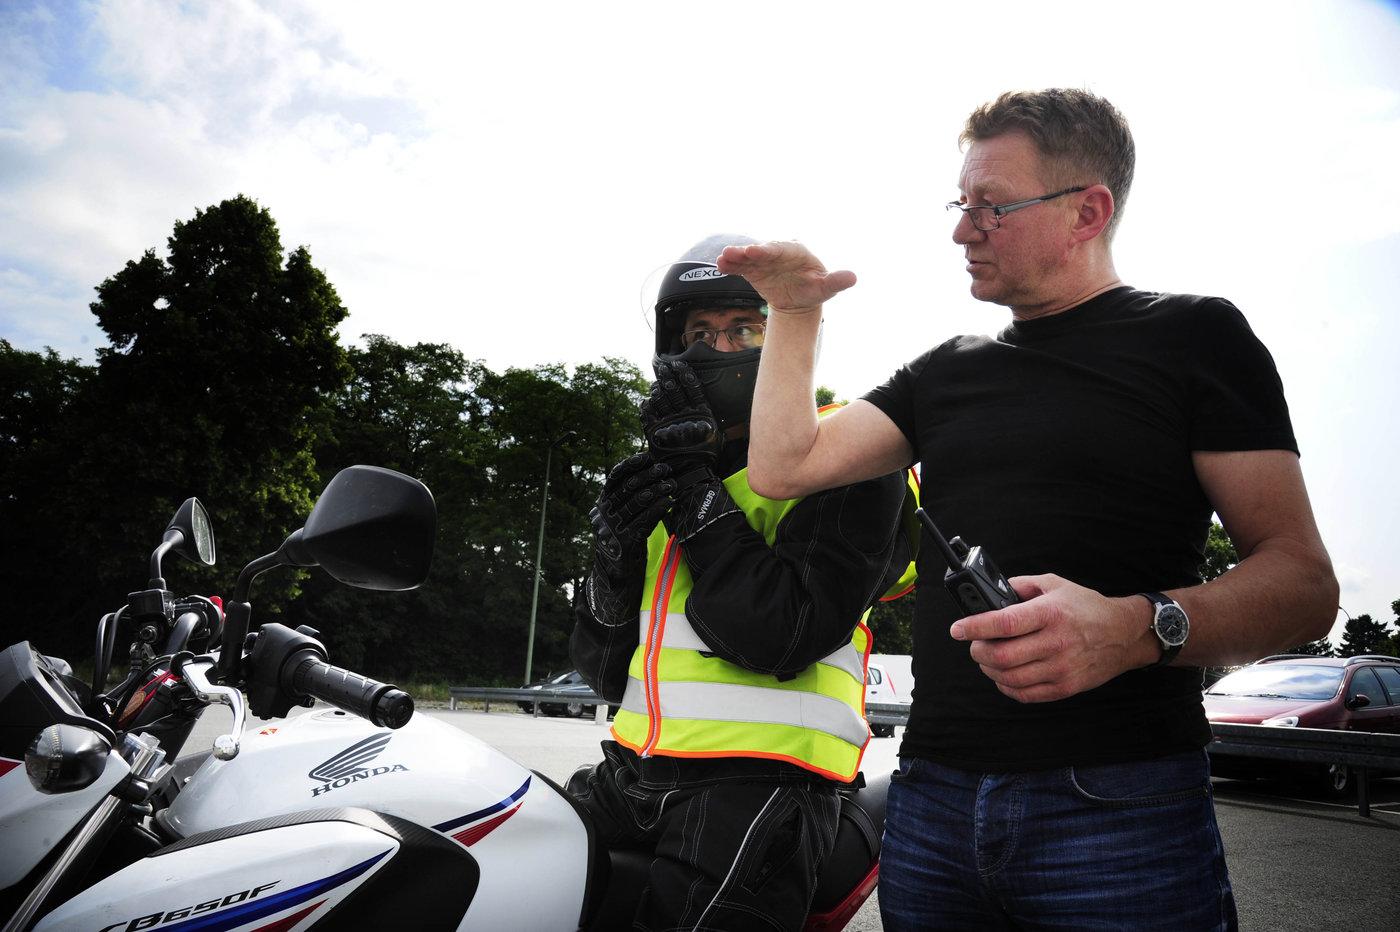 Fahrunterricht Motorrad Klasse A